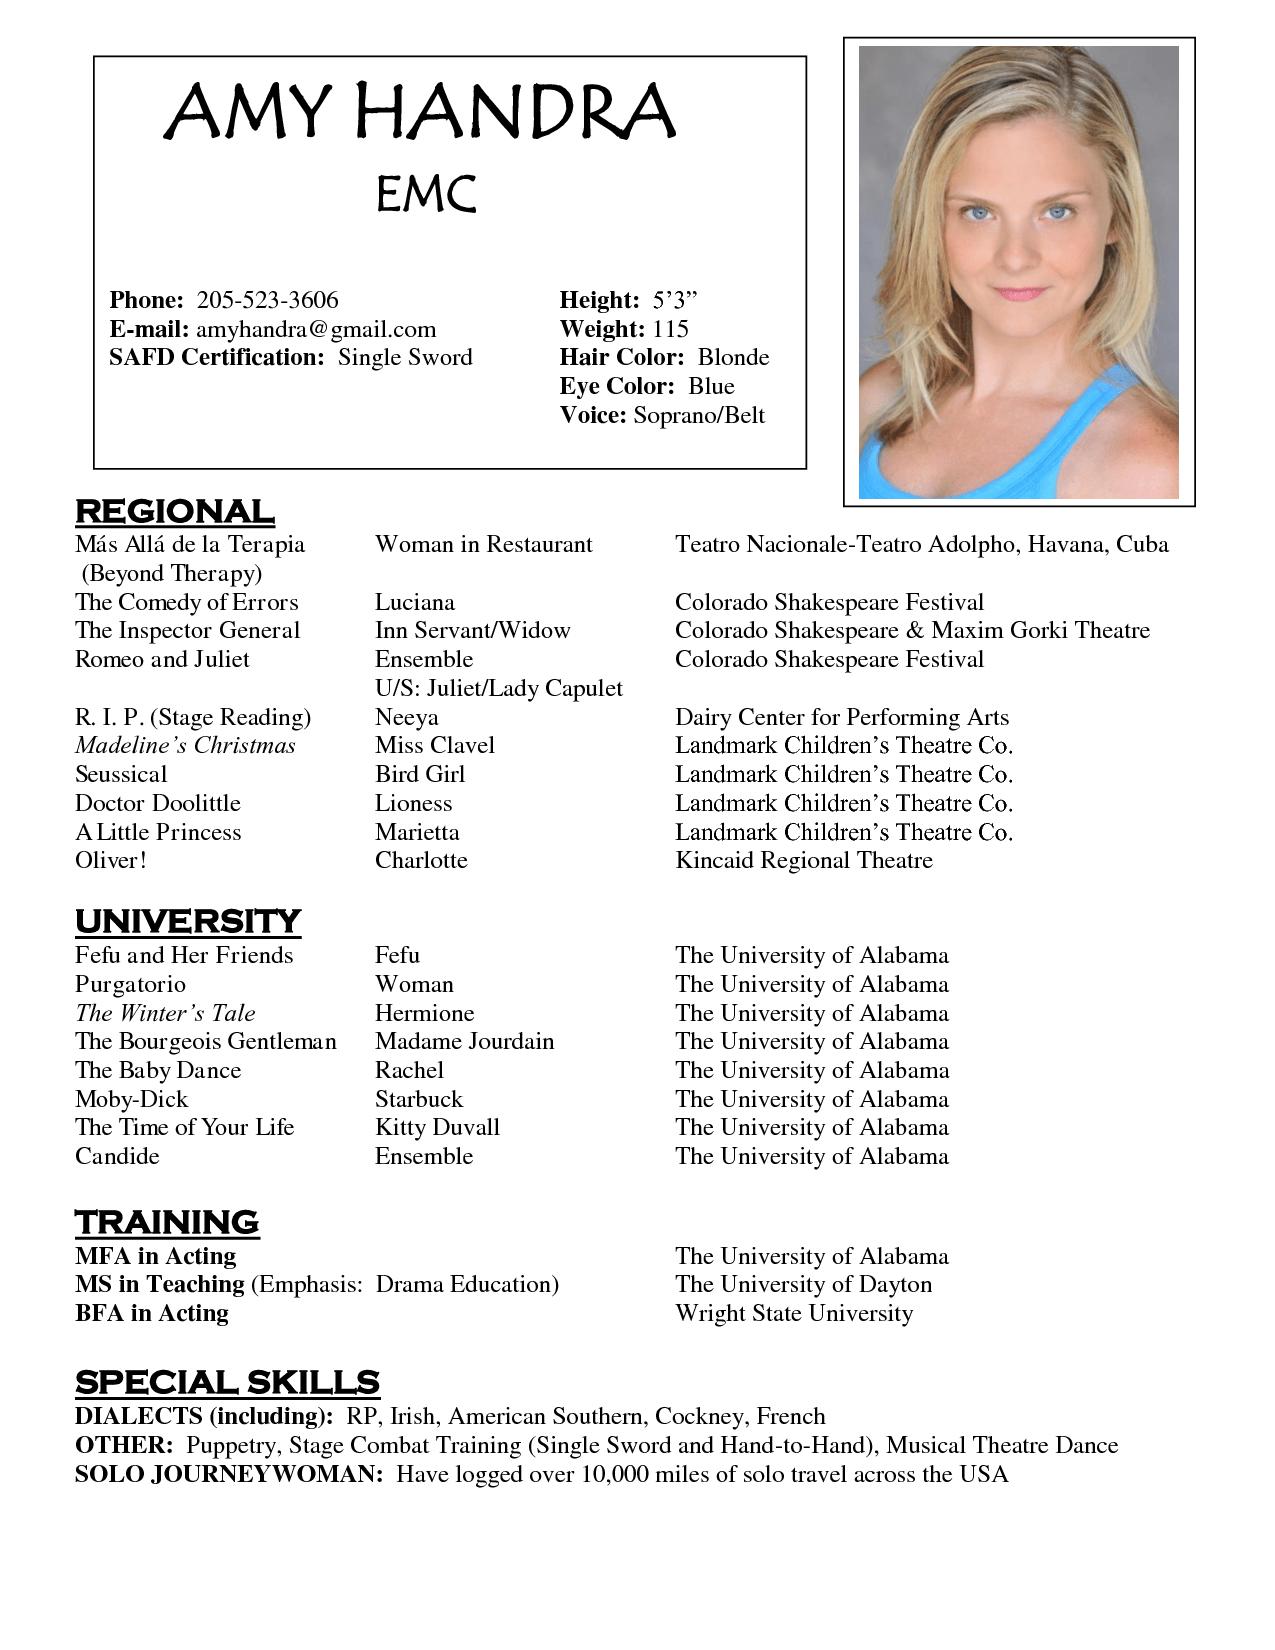 Theatre Resume Examples